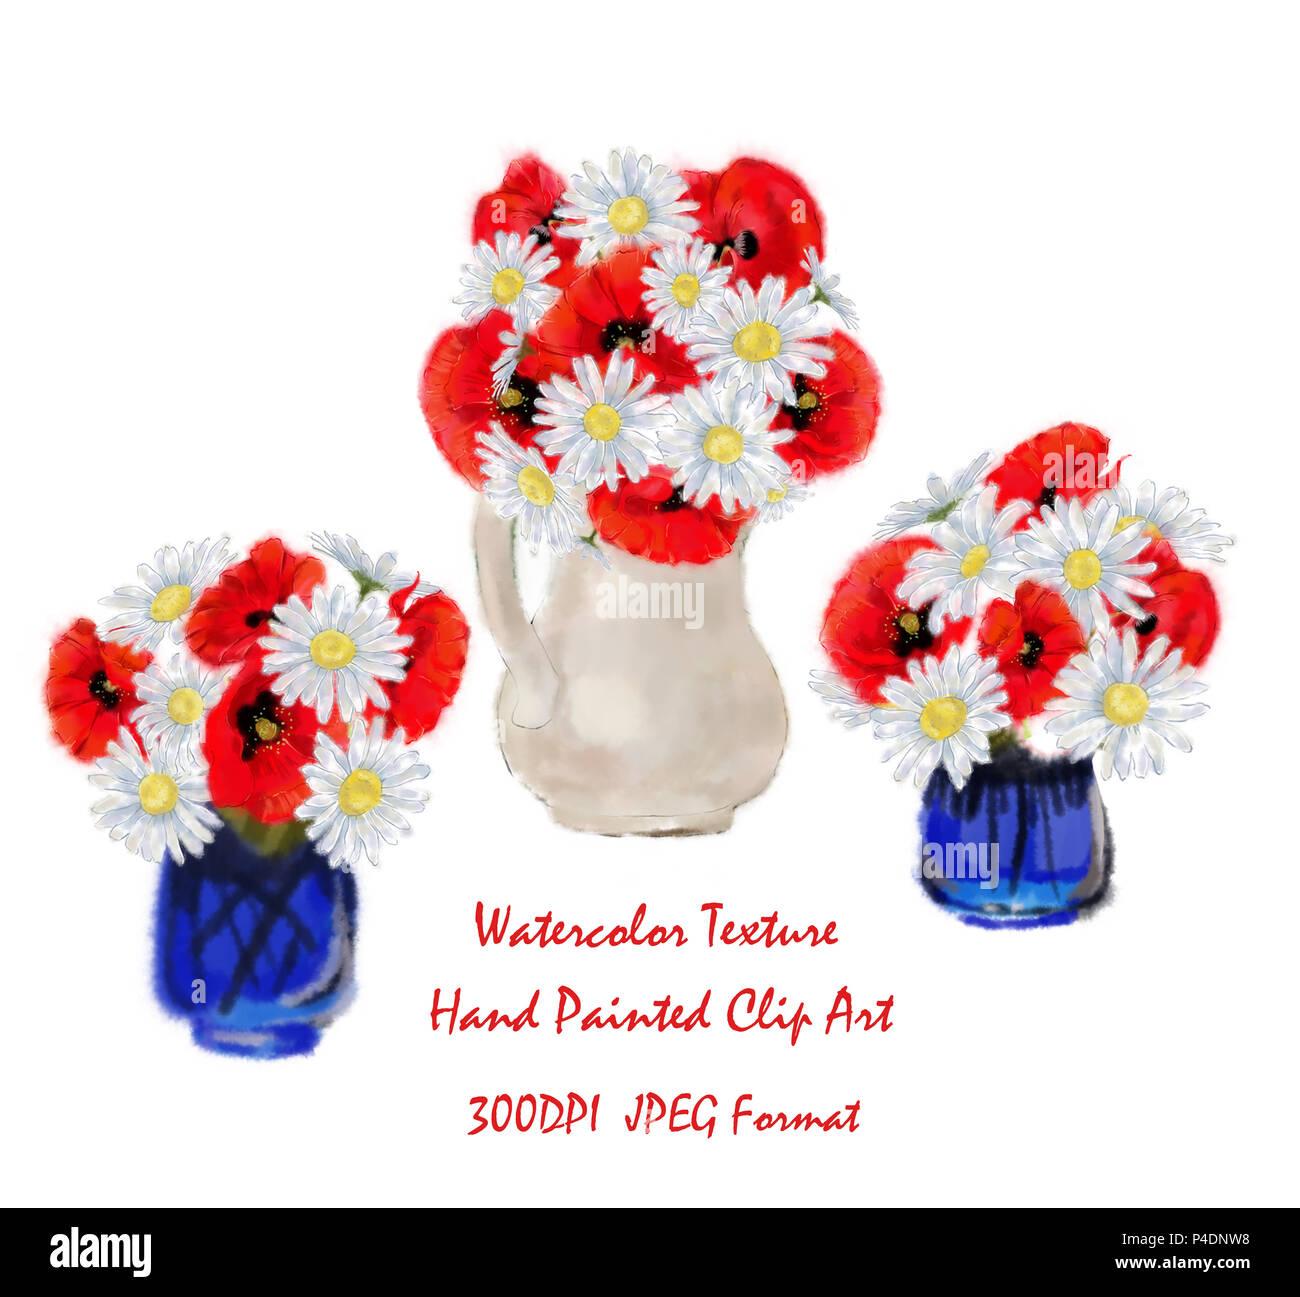 Satz von drei Blumenarrangements isoliert auf weißem Hintergrund. Tricolor Daisy und Poppy Blumensträuße in Blau und Weiß Vasen für Clip Art, Karten, Poster. Stockbild